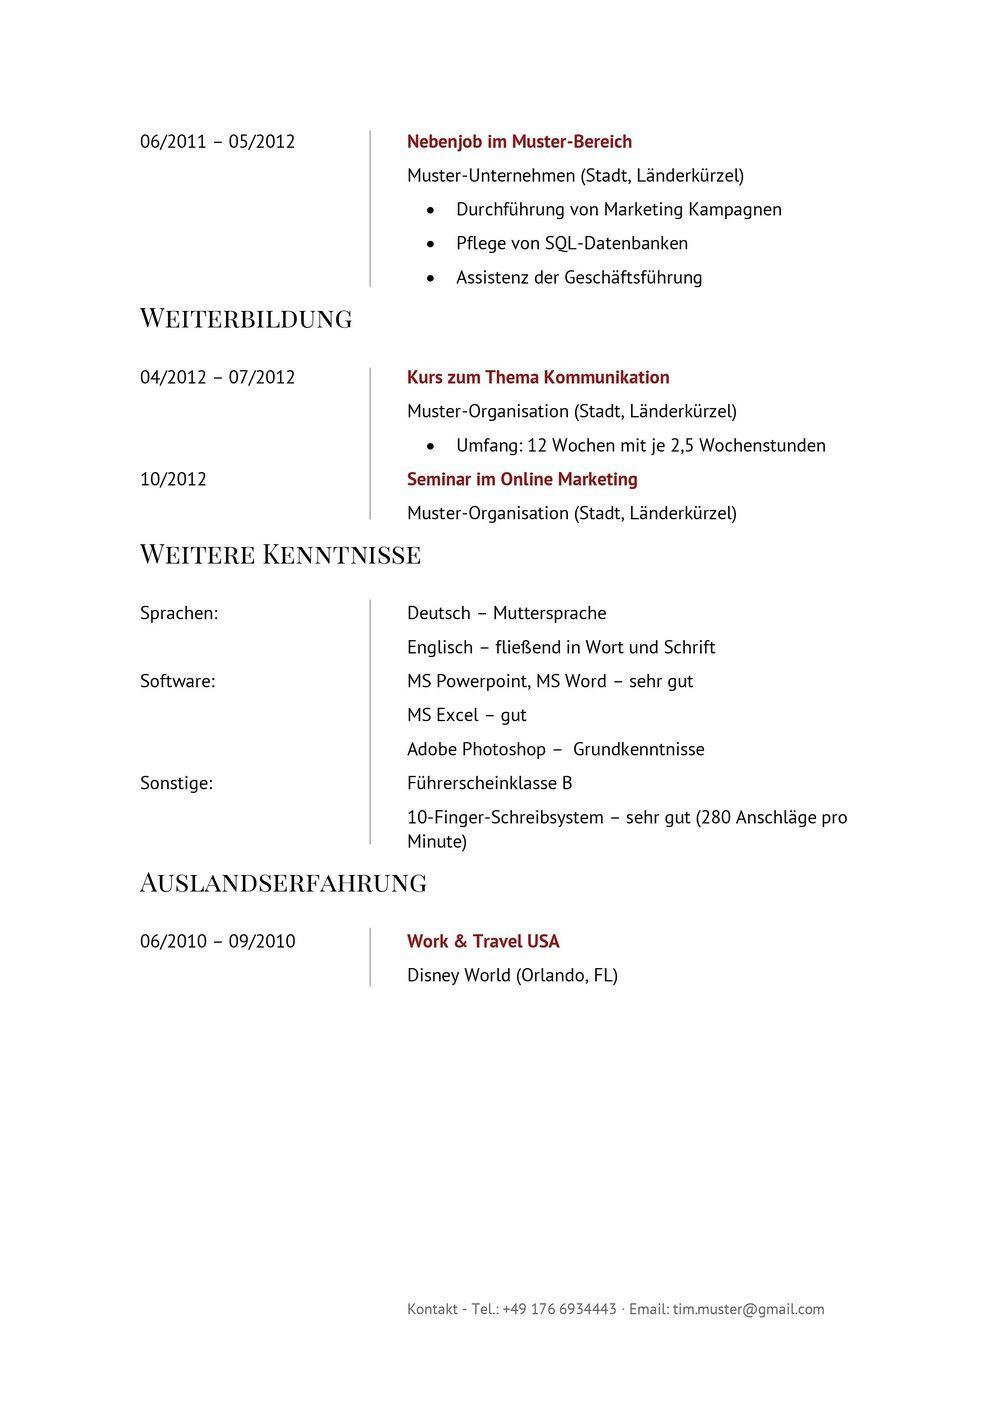 Niedlich Verwalterjob Lebenslauf Fotos Entry Level Resume Vorlagen